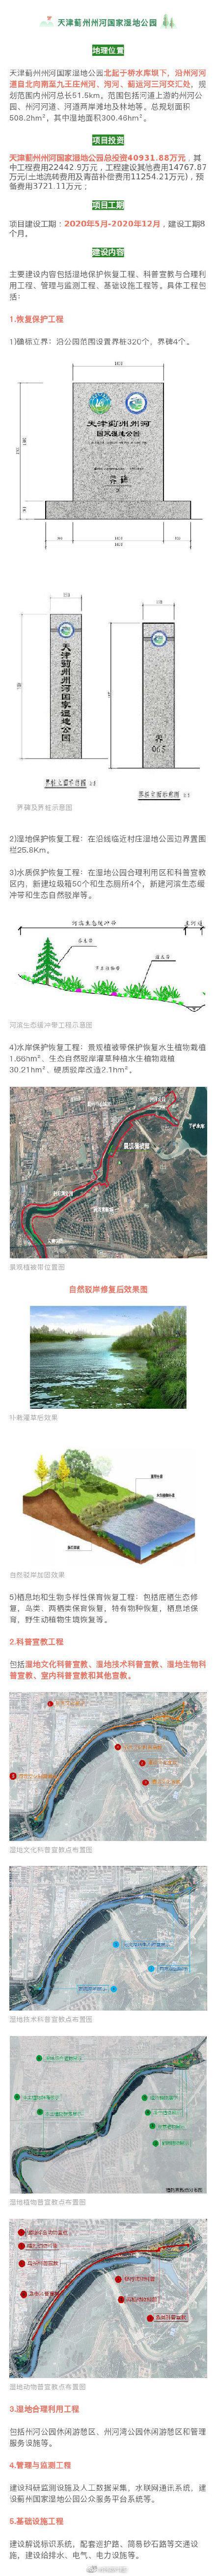 天津 新增两处国家湿地公园